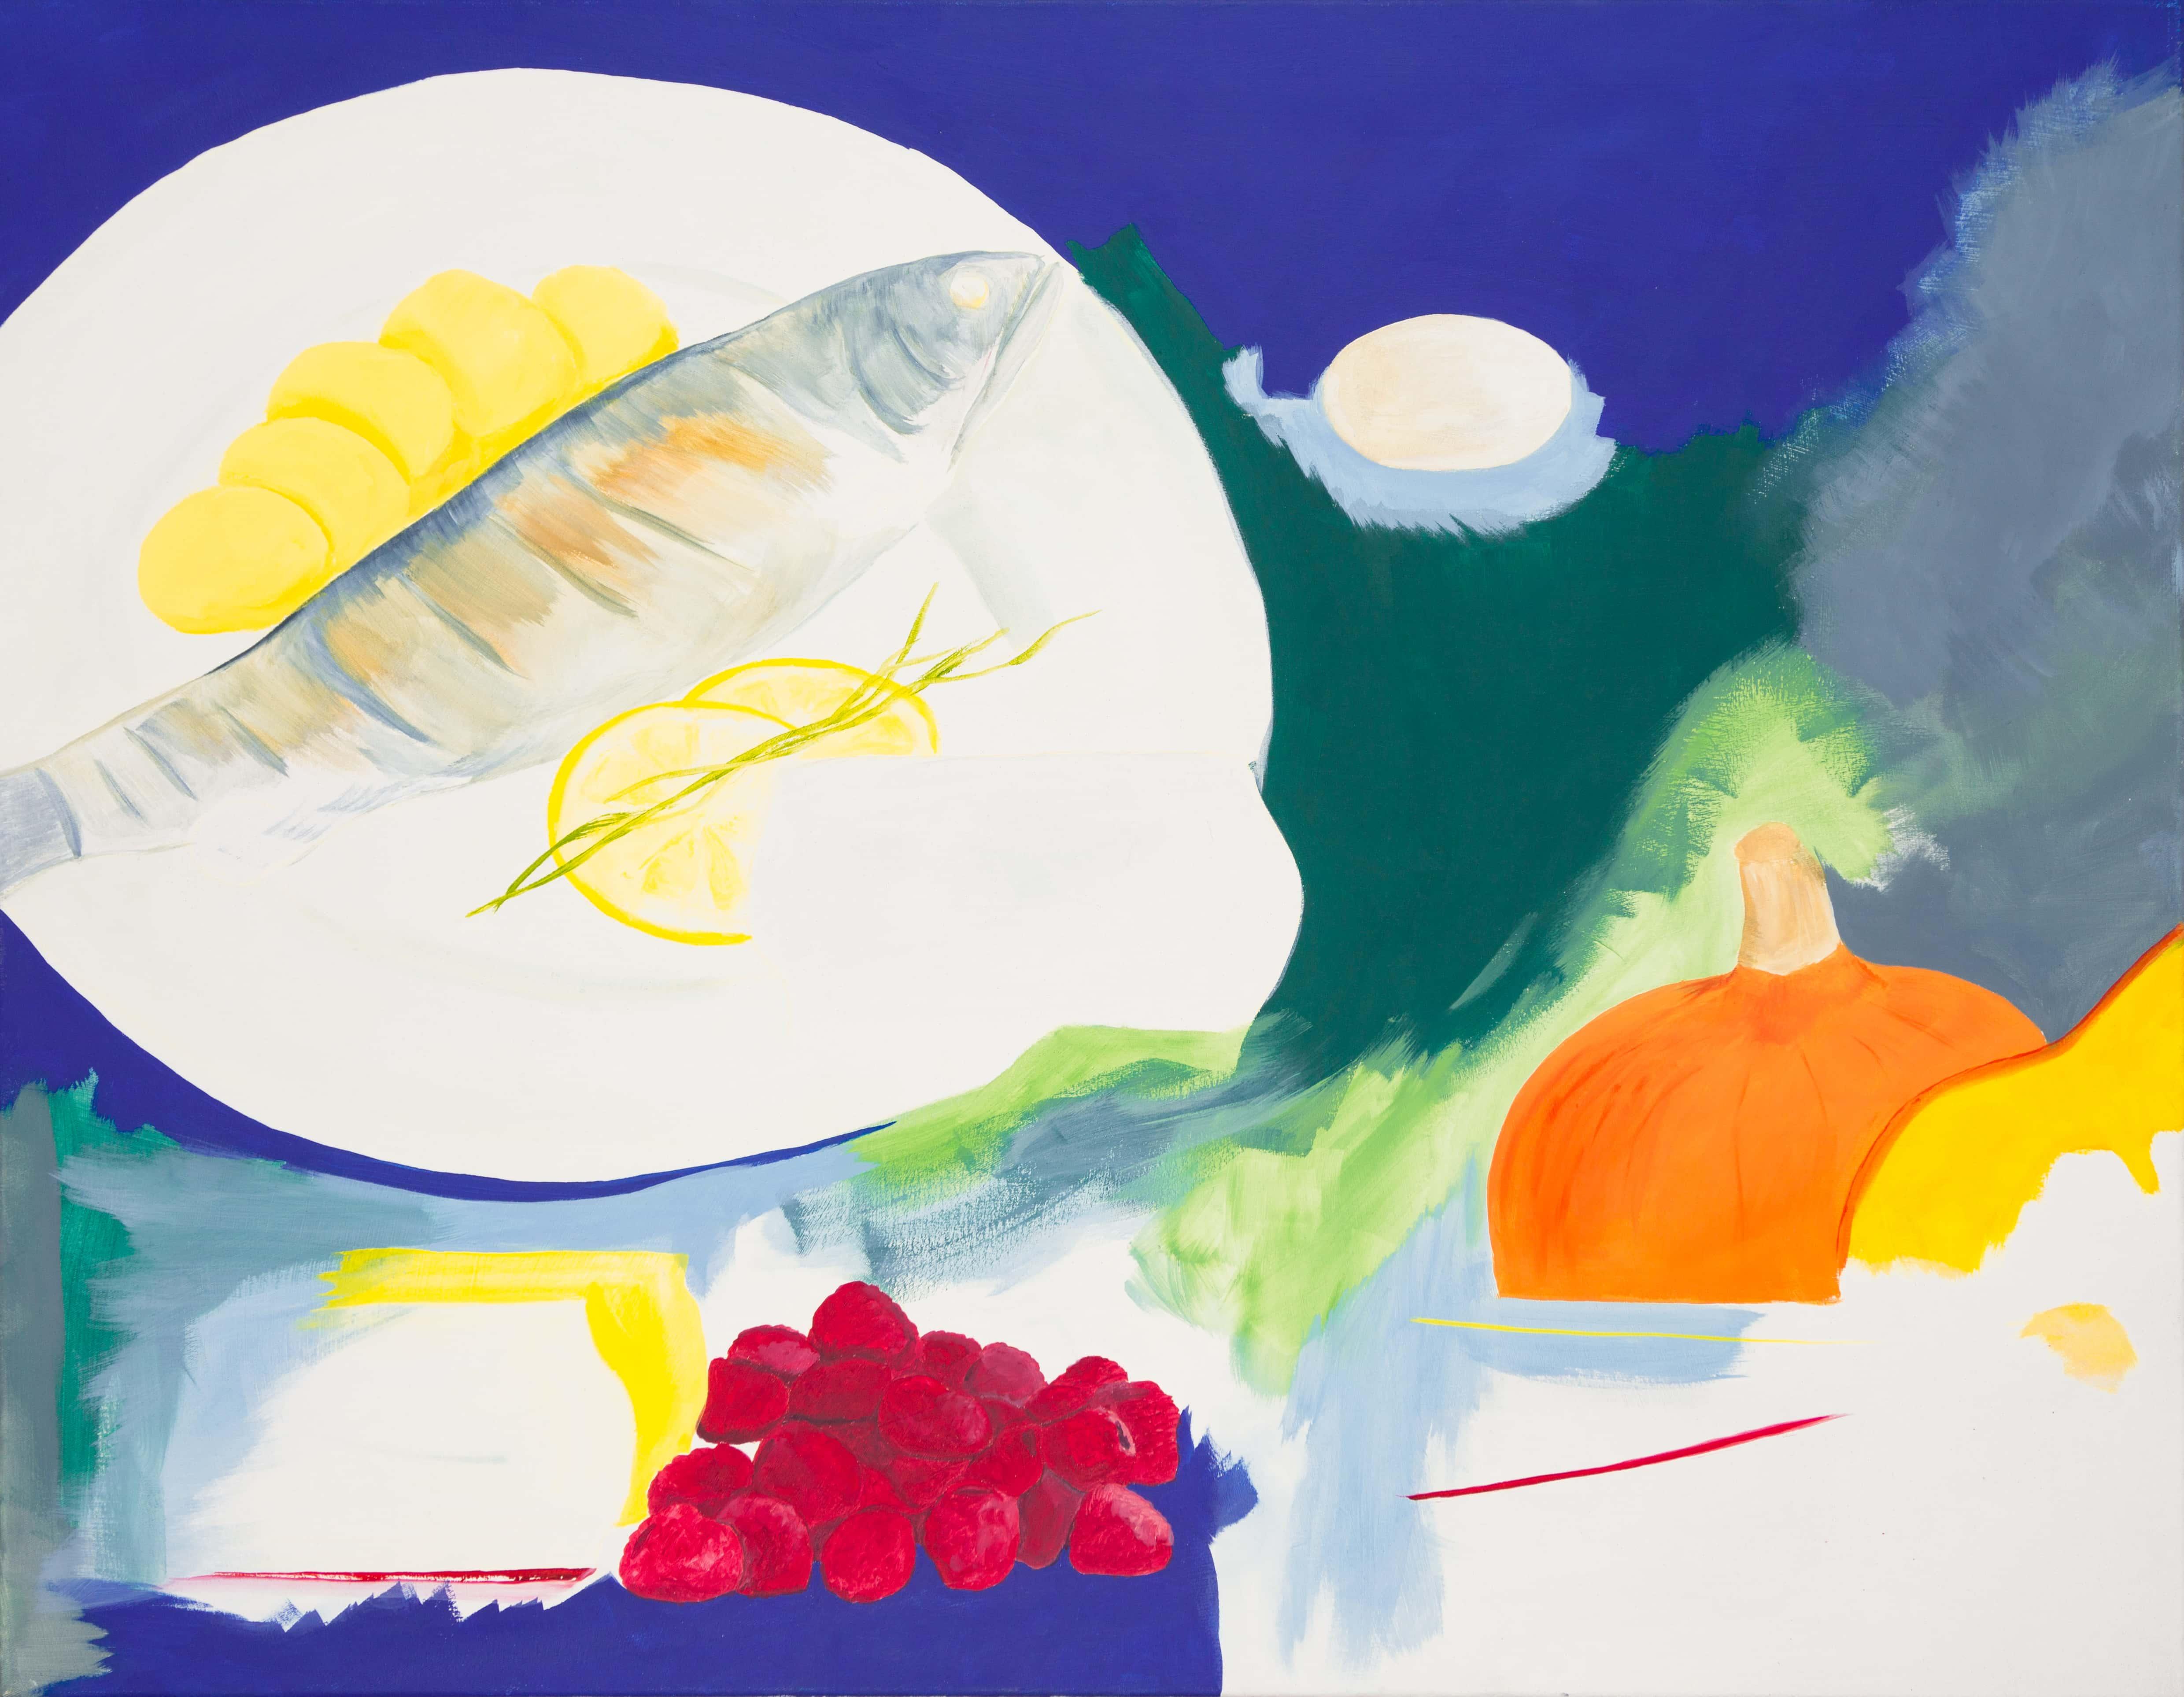 Malerei, Öl auf Leinwand, 90cm x 70cm, stilisierte Werbung für Fisch, artist: Franziska King